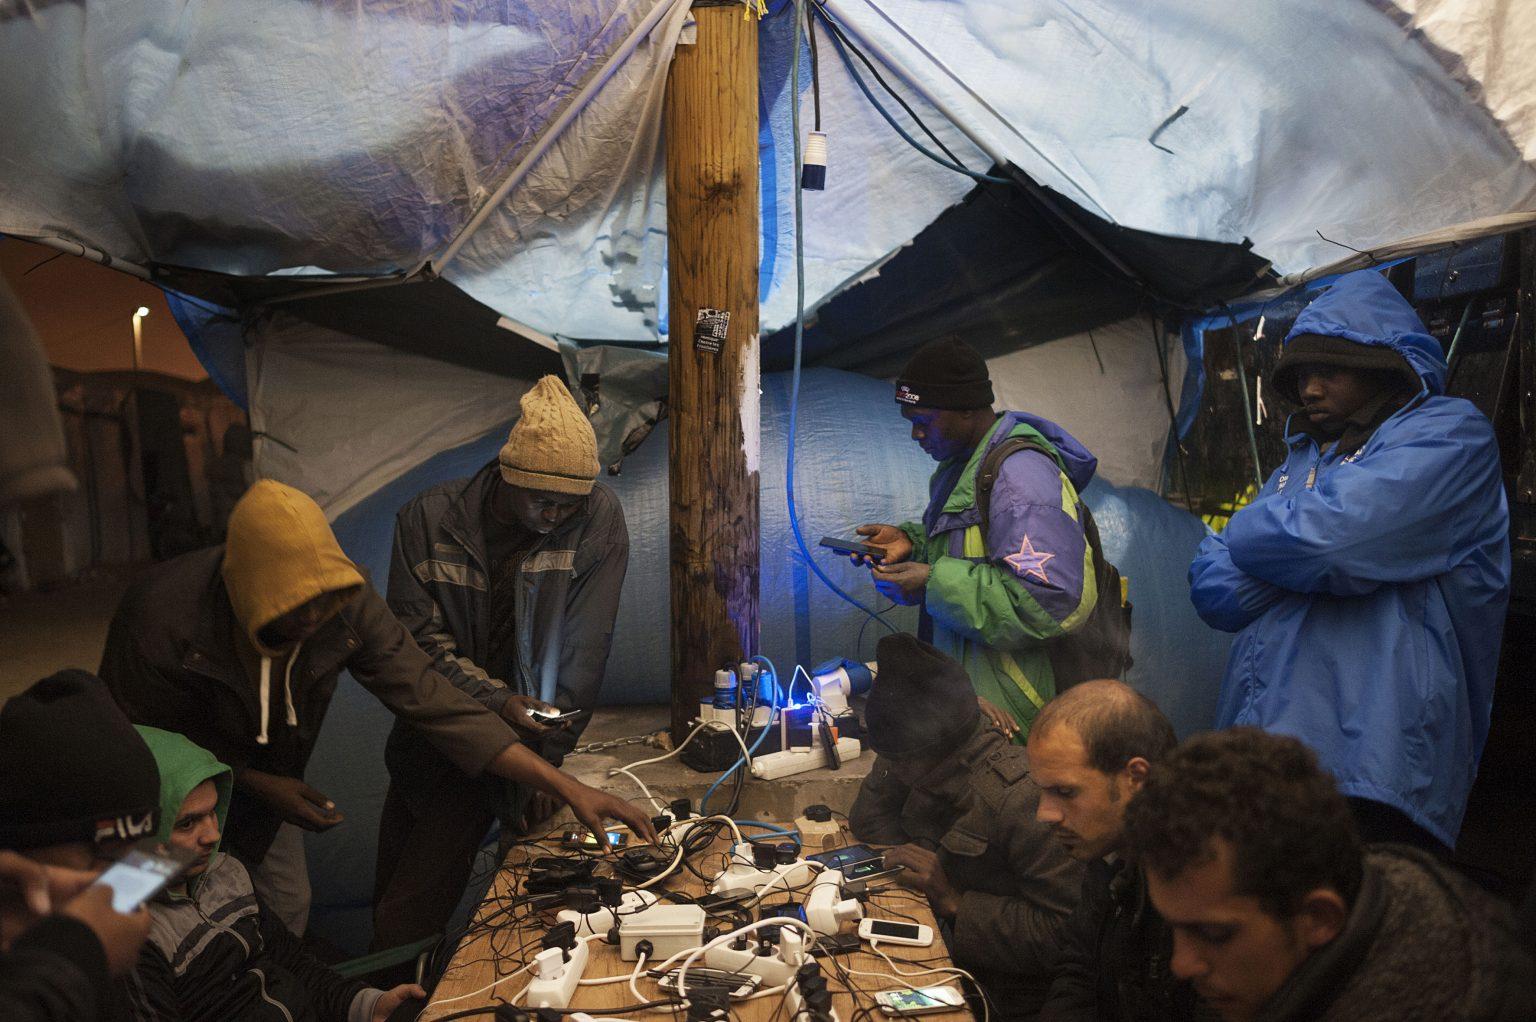 Calais, France, November 6th 2015 - Migrants charging their phones on sockets plugged into a generator at a camp.   ><  Calais, Francia, 6 novembre 2015 - Immigrati caricano i telefoni a una presa collegata a un generatore del campo profughi. *** Local Caption *** 00566955